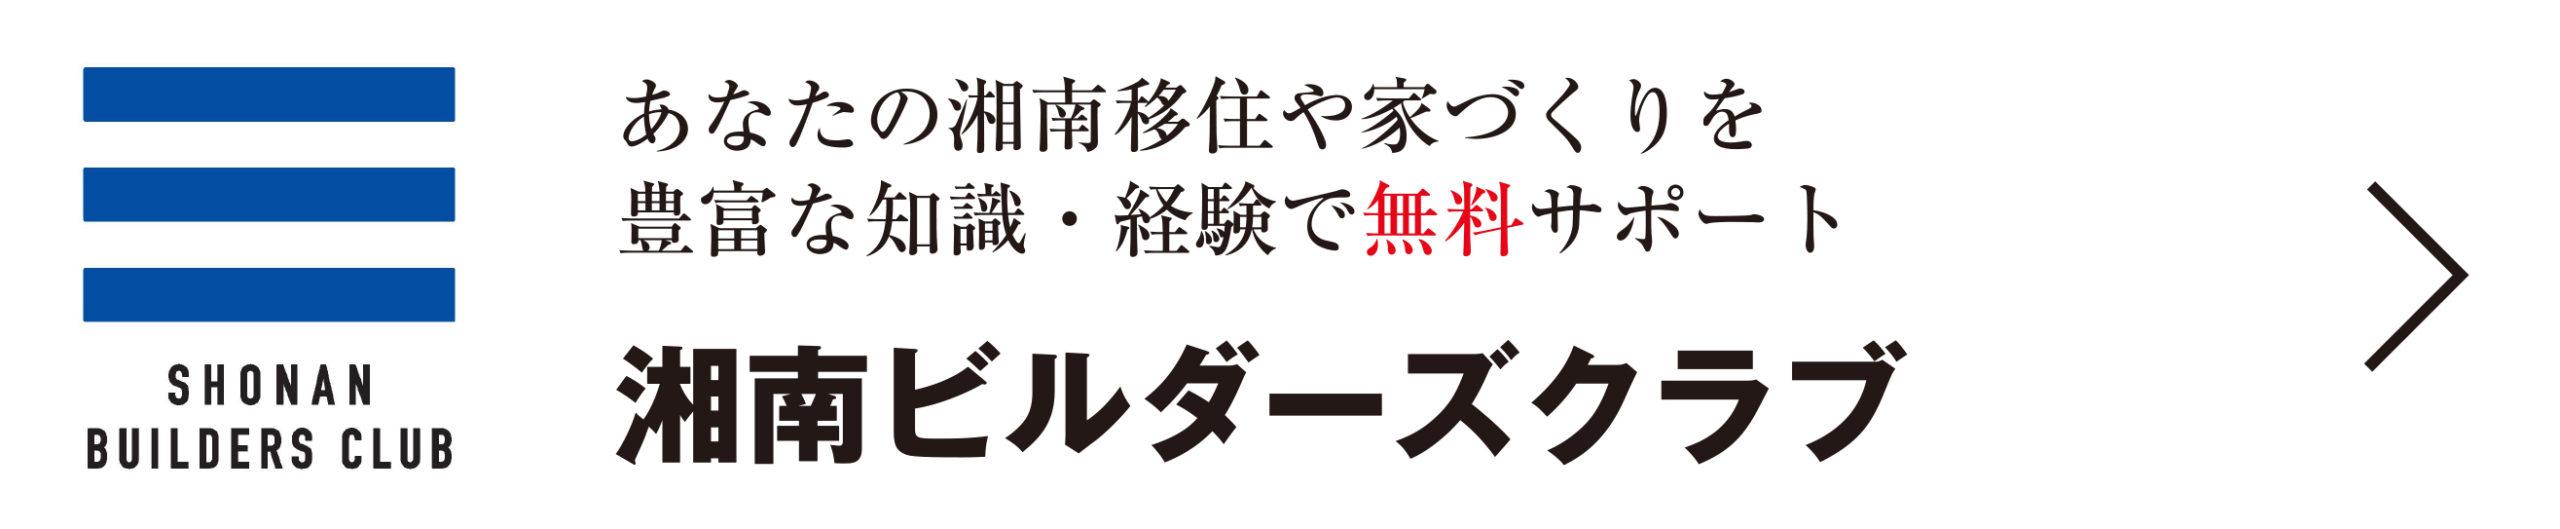 湘南ビルダーズクラブ